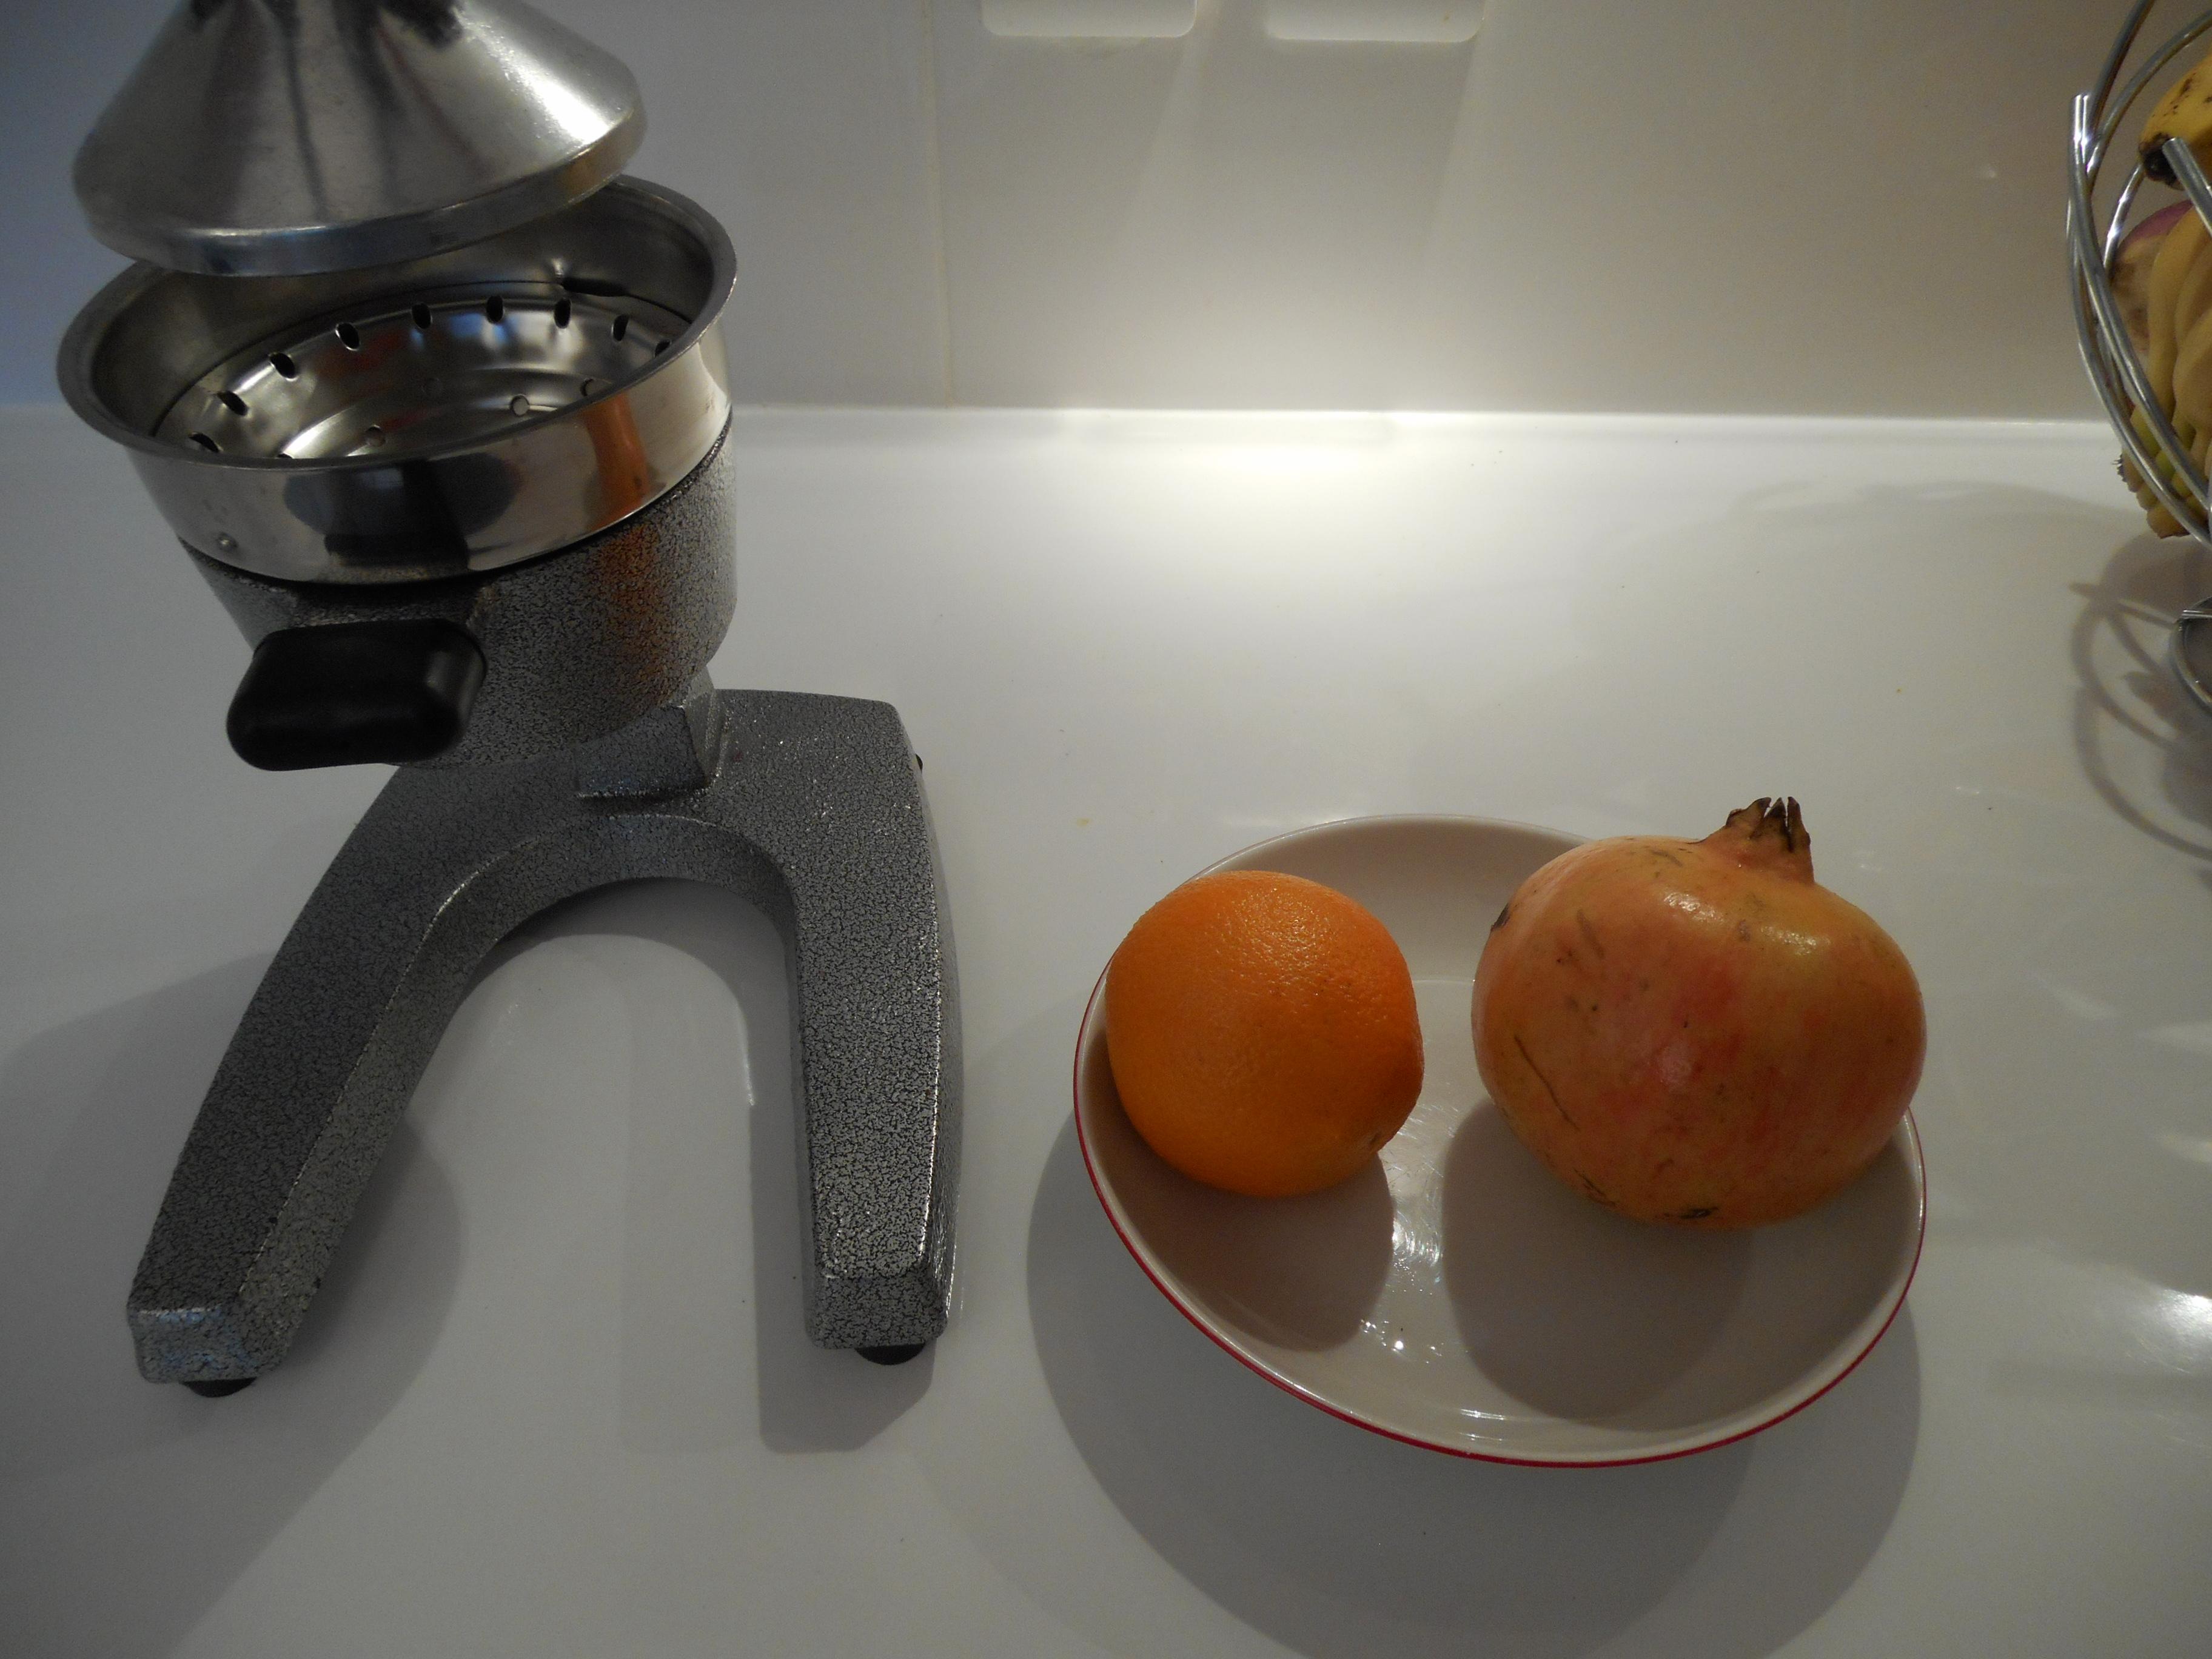 Un presse agrume manuel à levier pour conserver les enzymes